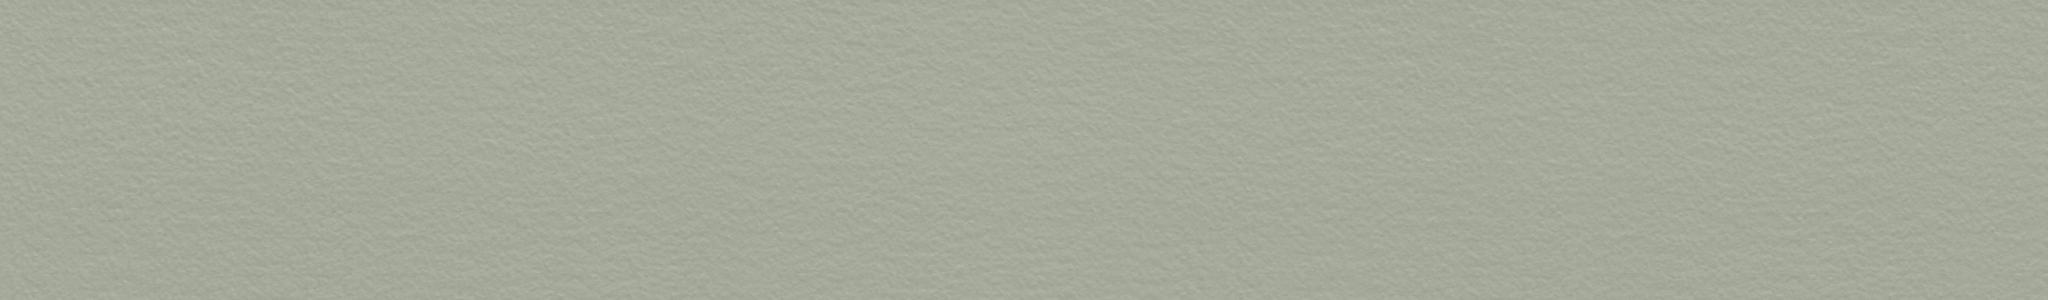 HU 18001 ABS hrana hnědá perla jemná 107